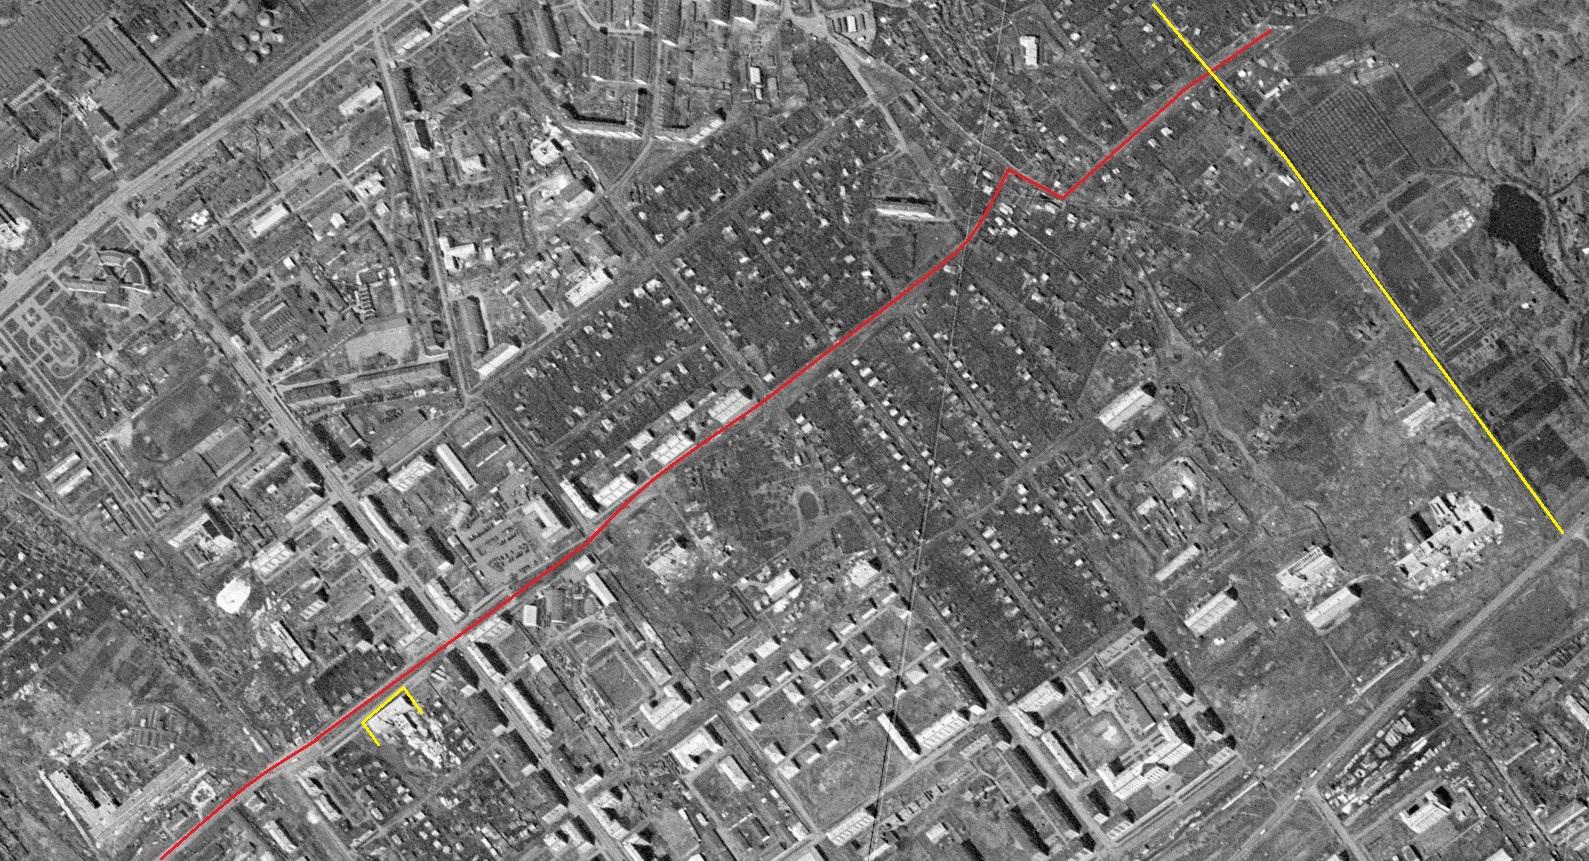 Улица Мичурина в 1965 году. Часть 2